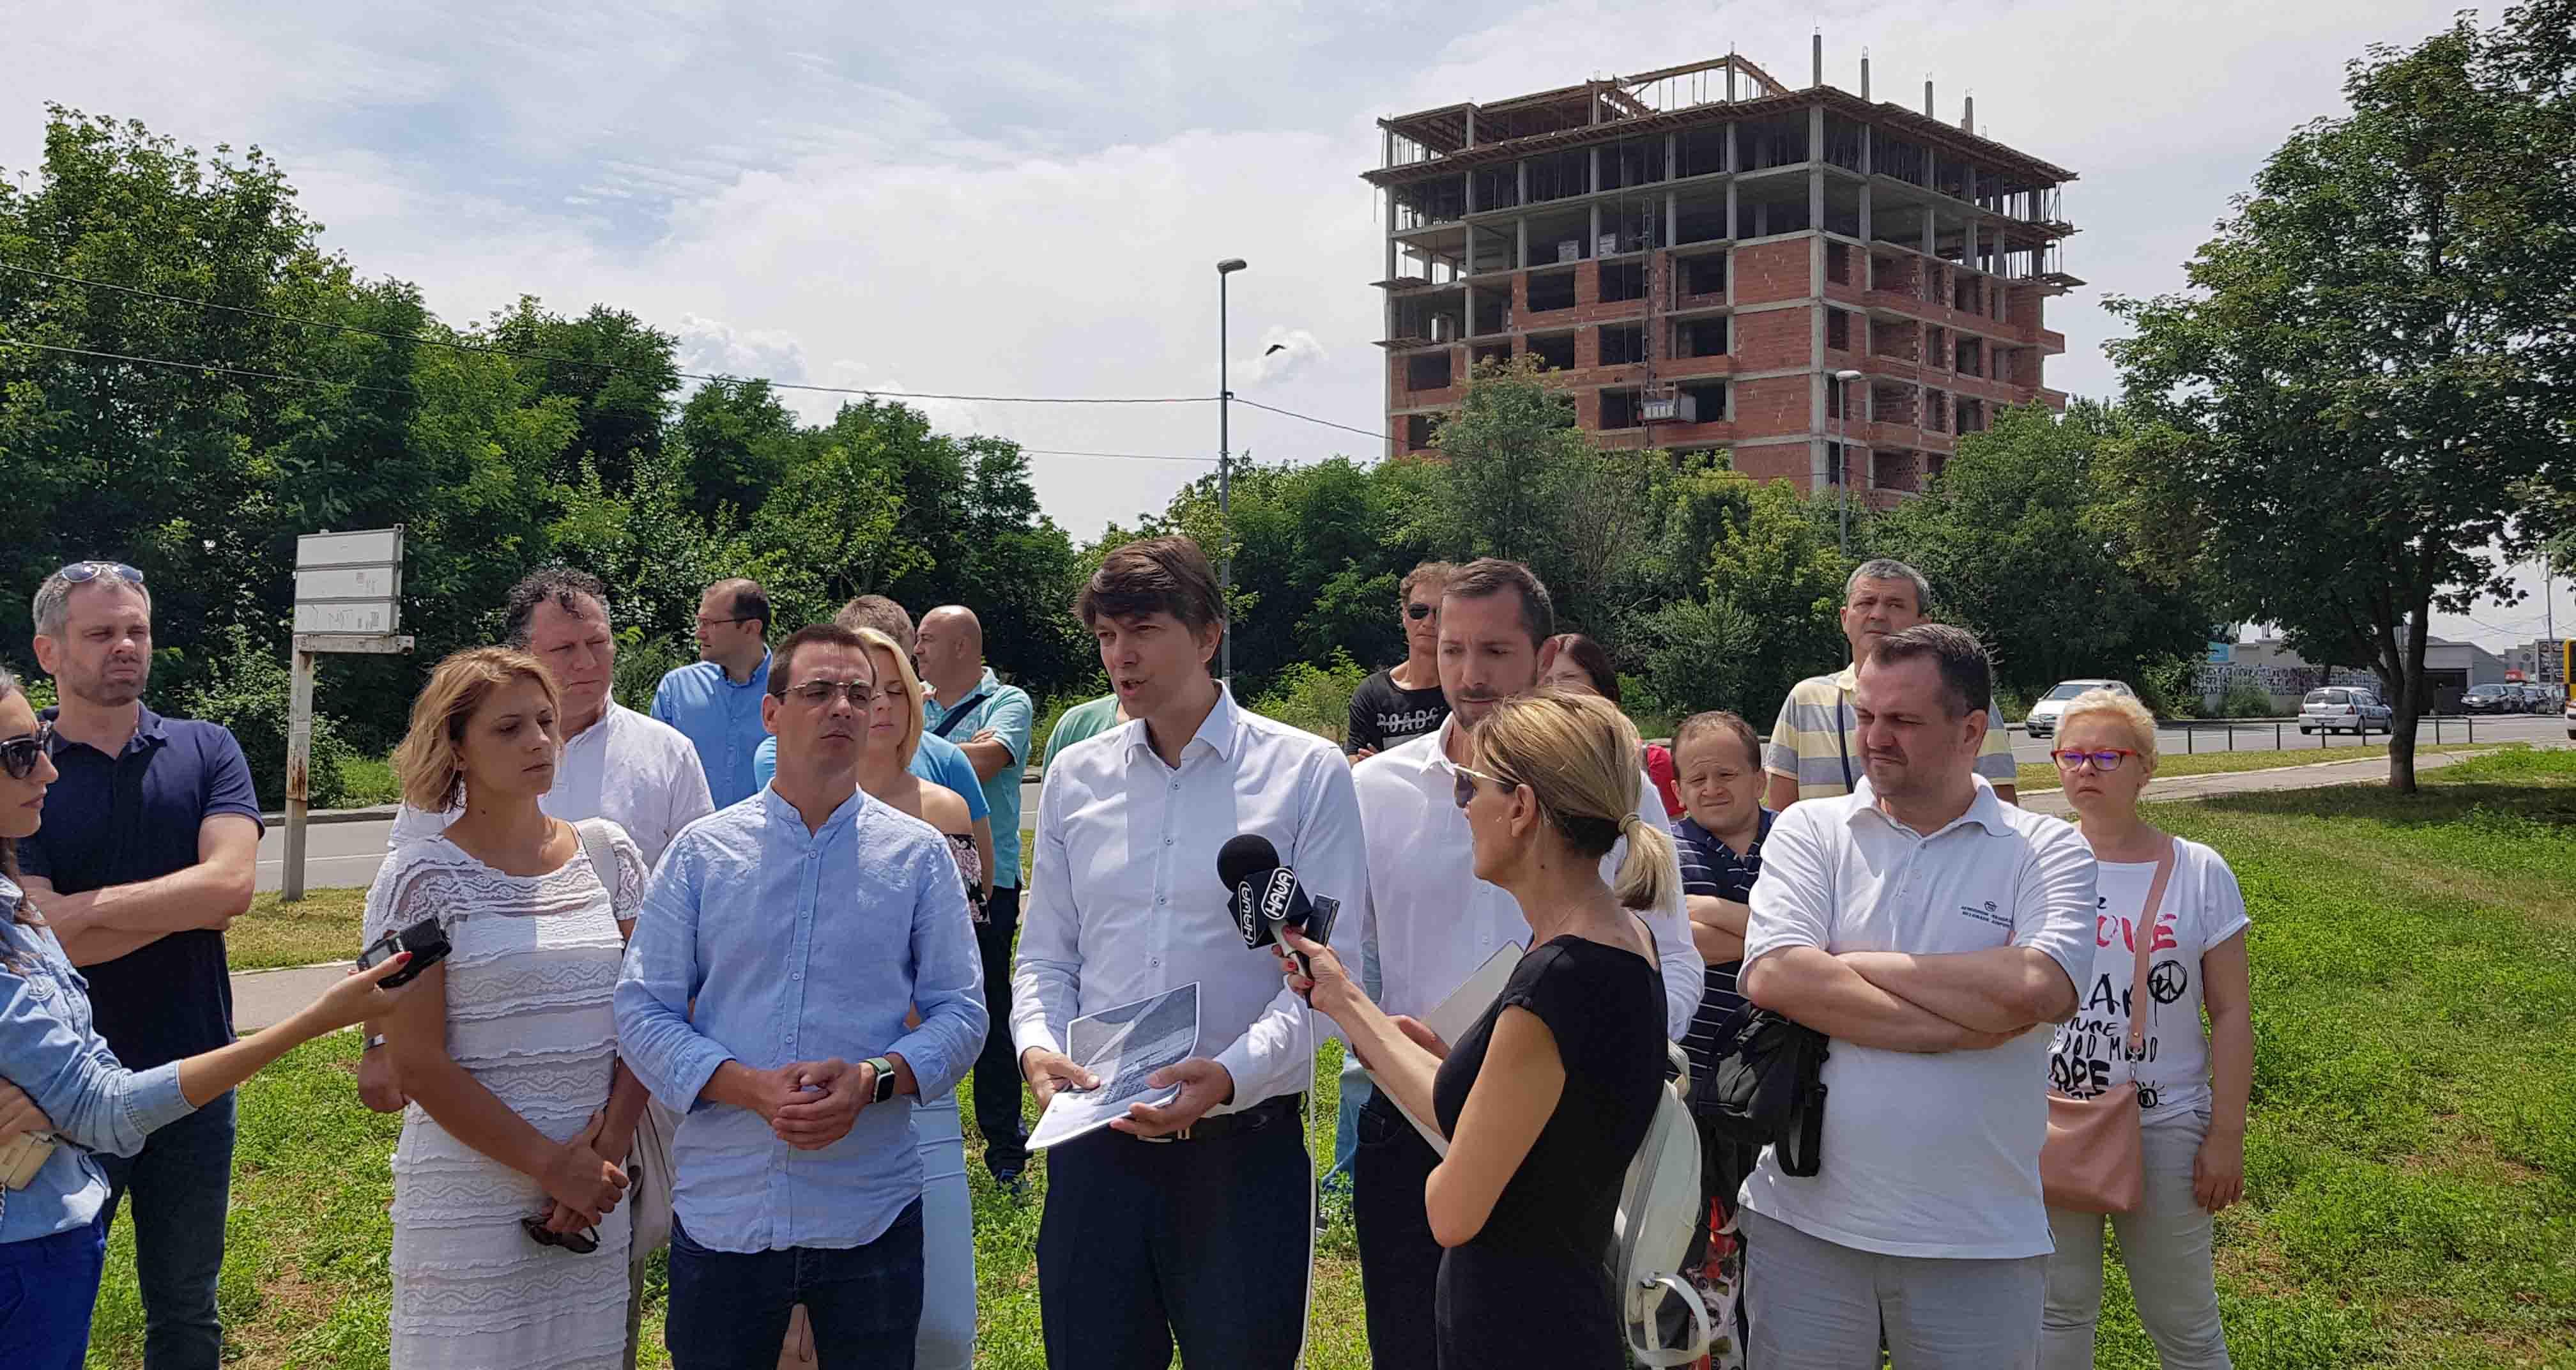 Јовановић: Зауставити дивљу градњу у Београду, власт умешана у криминалне радње